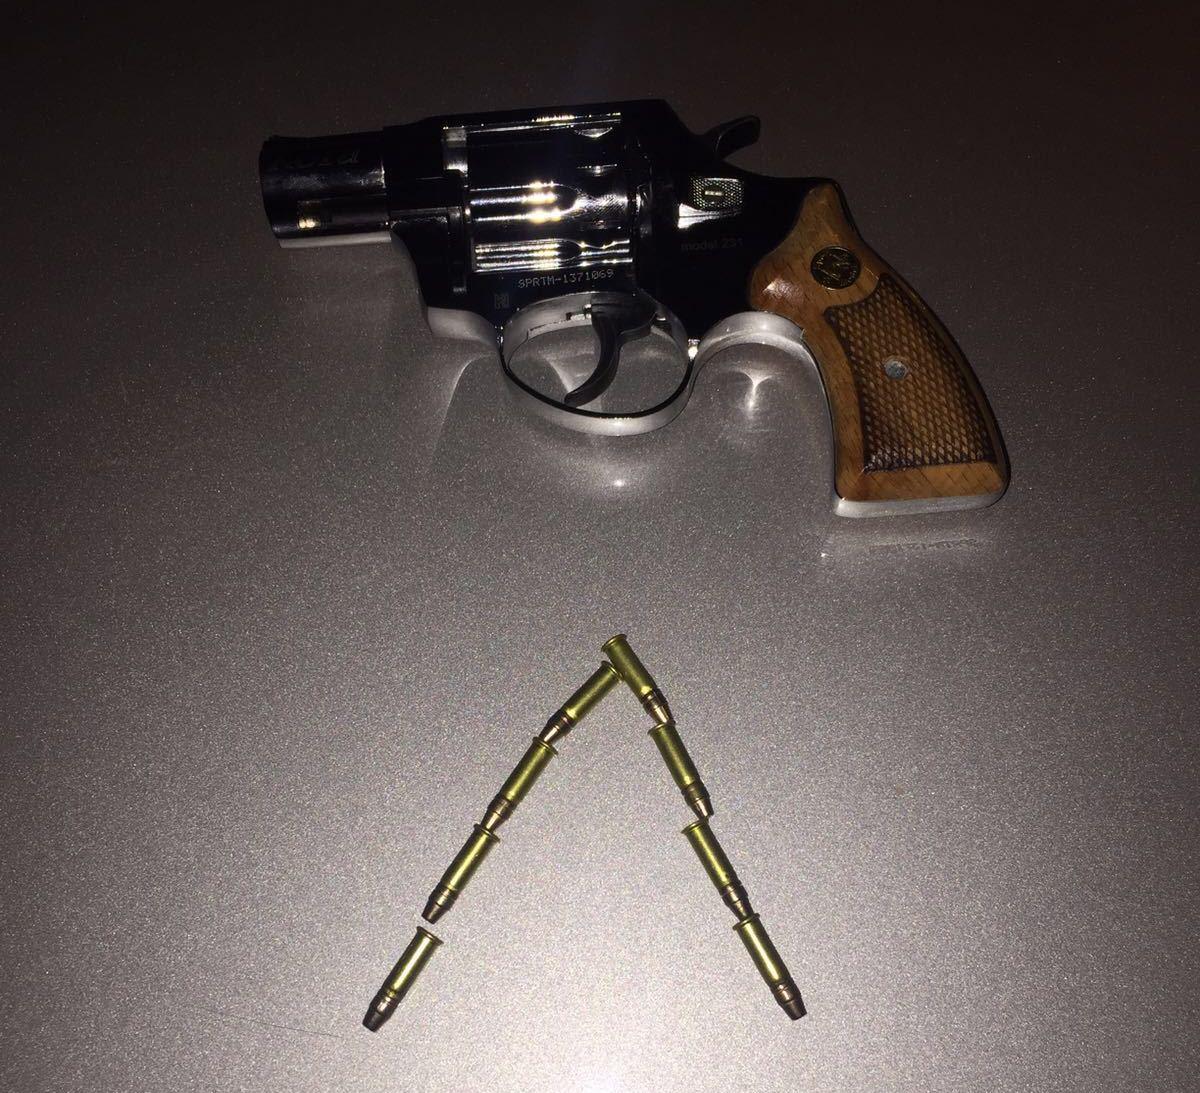 ضبط اسلحة بمكة (2)